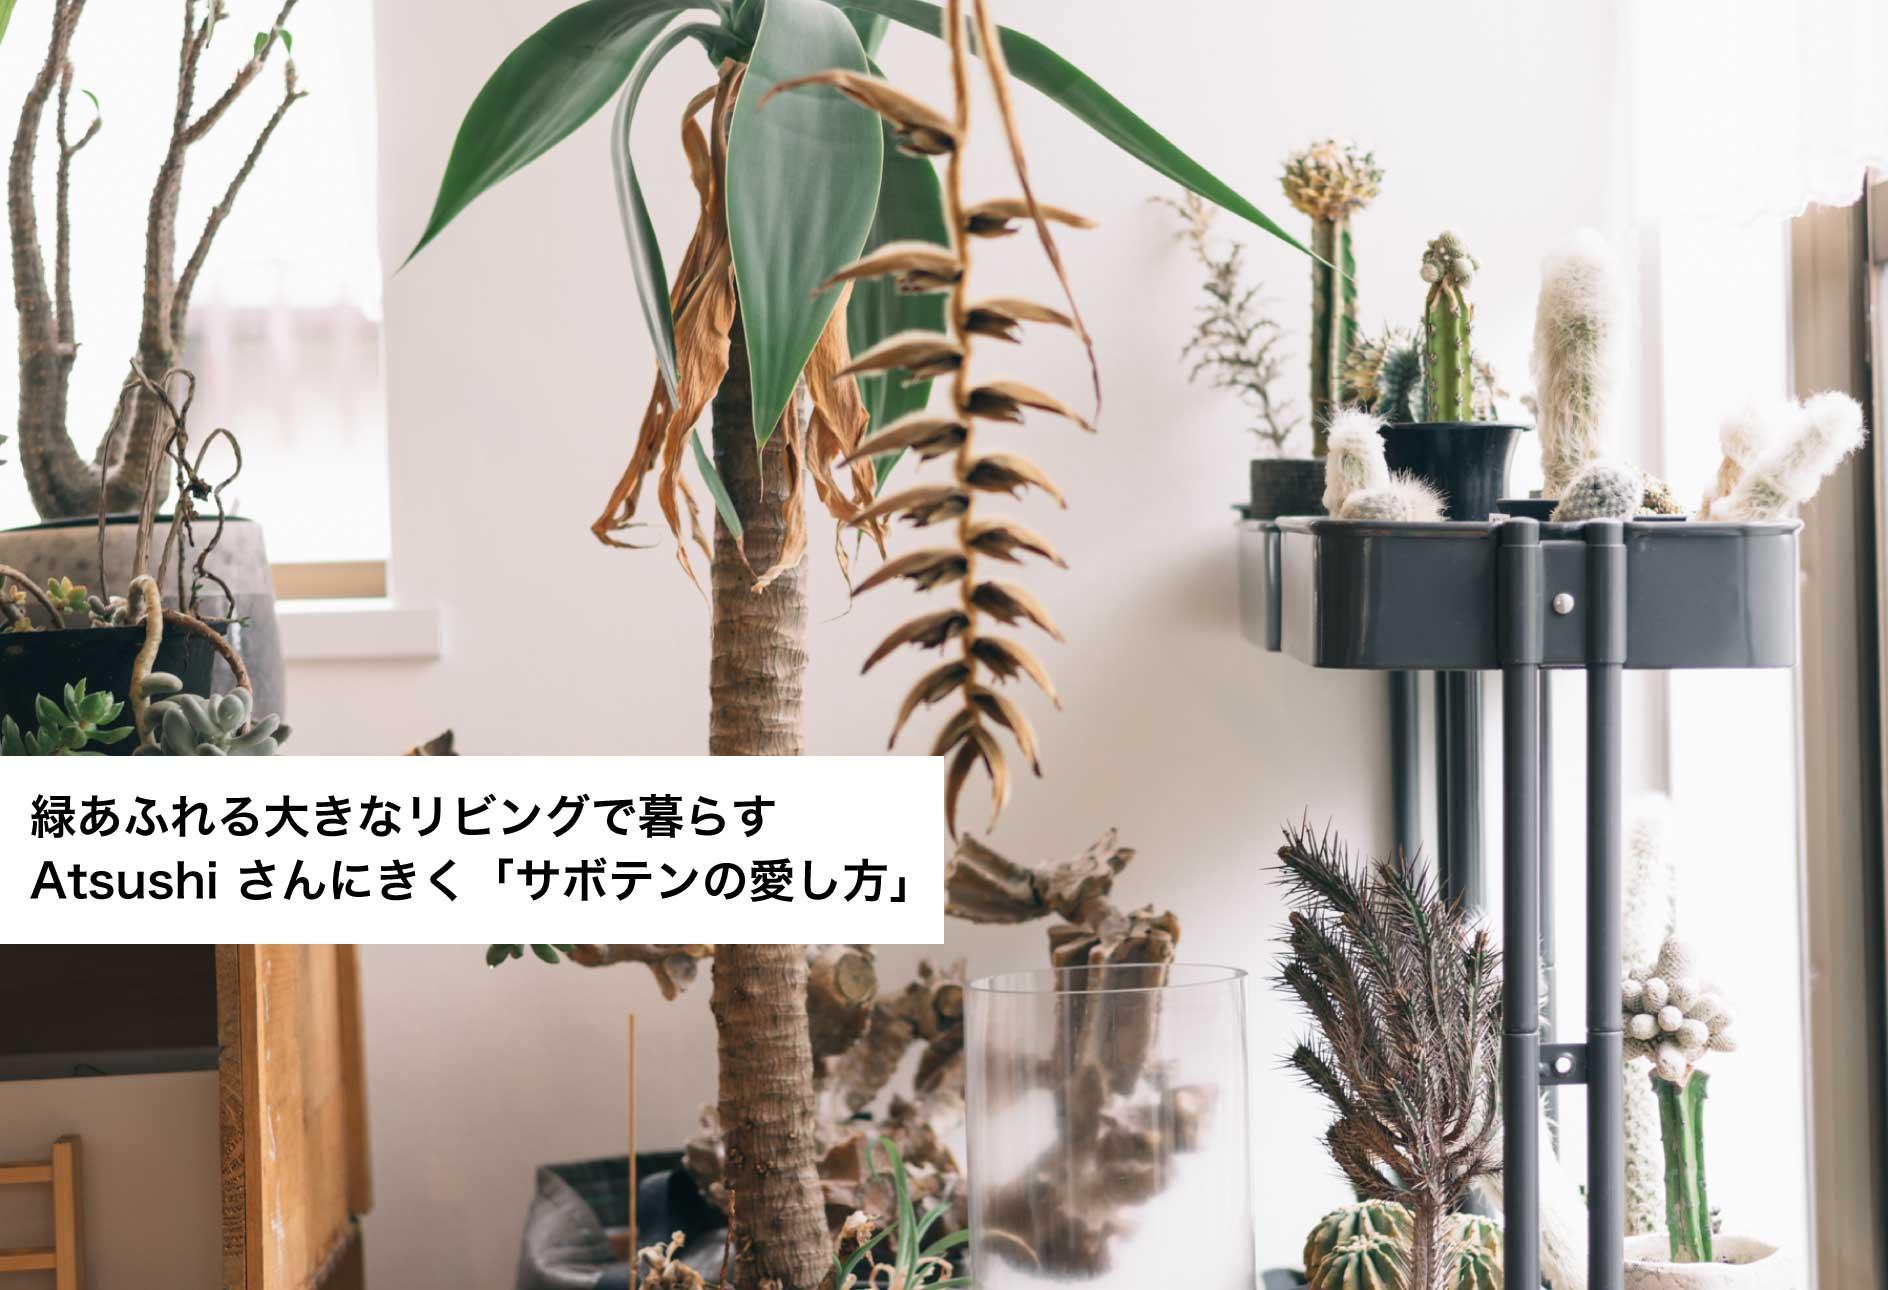 緑あふれる大きなリビングで暮らす Atsushi さんにきく「サボテンの愛し方」